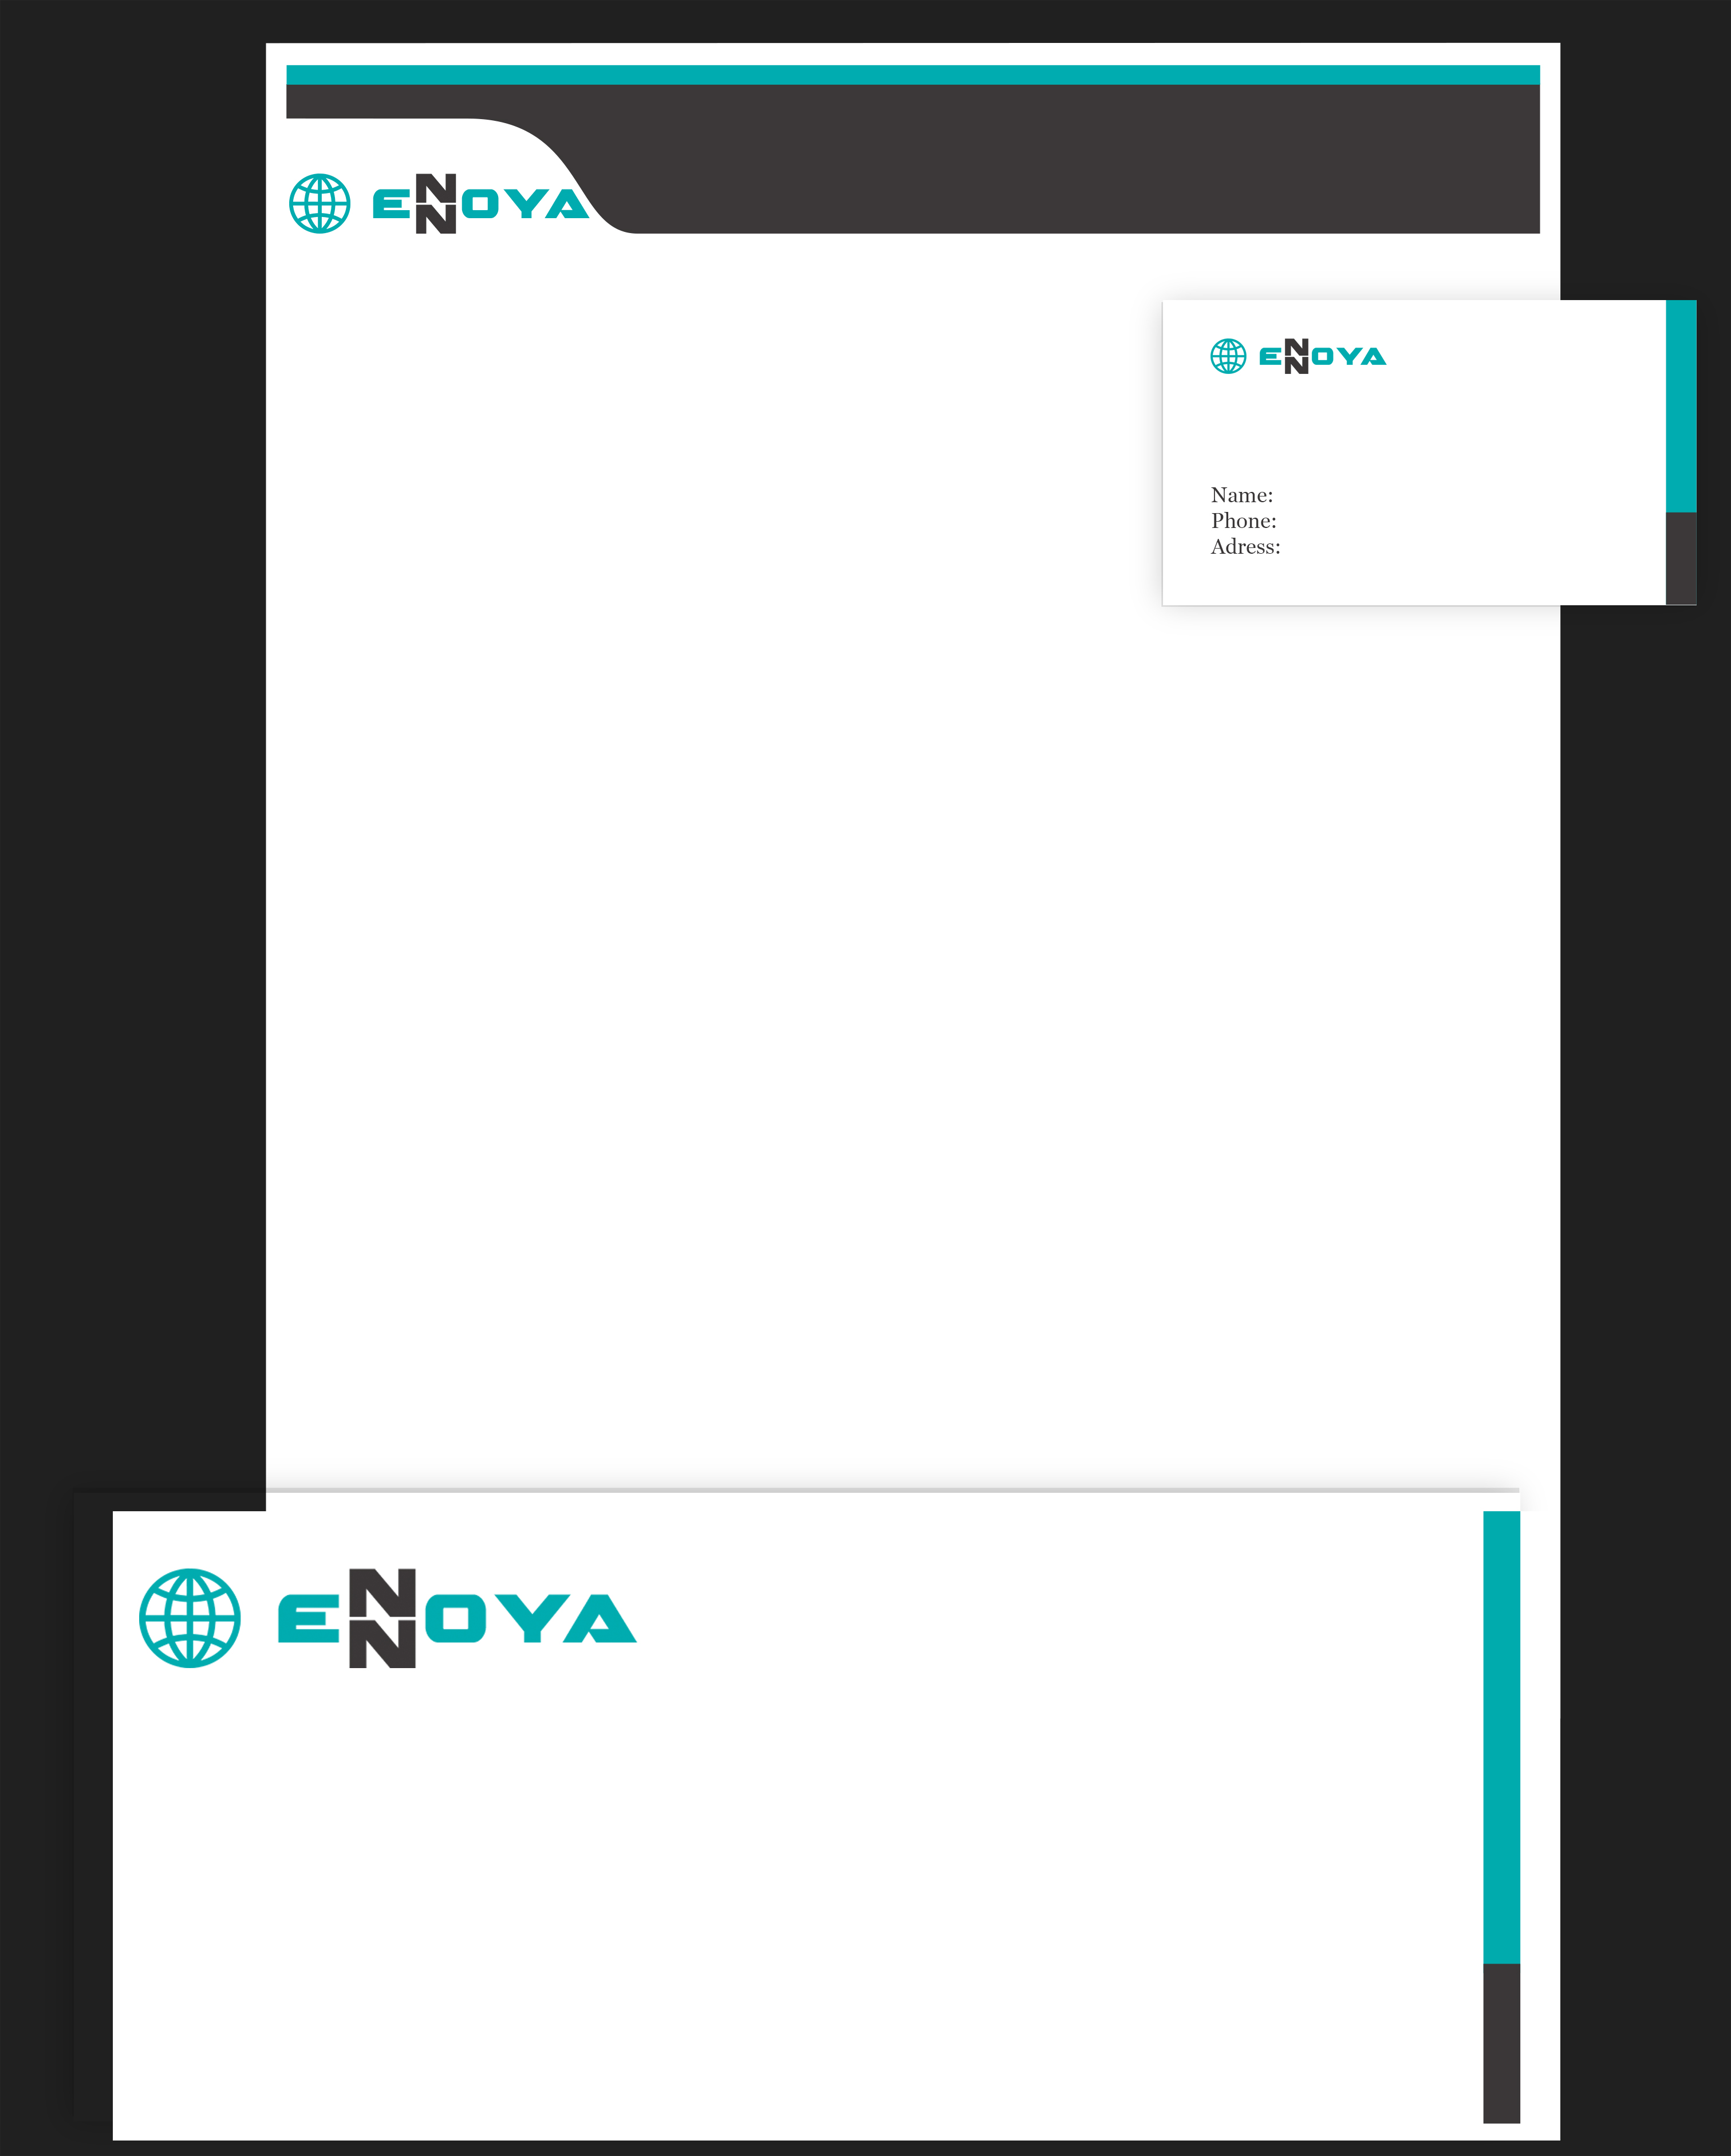 Логотип + фирменный стиль для продуктовой IT компании фото f_9095ad3567f4524d.jpg